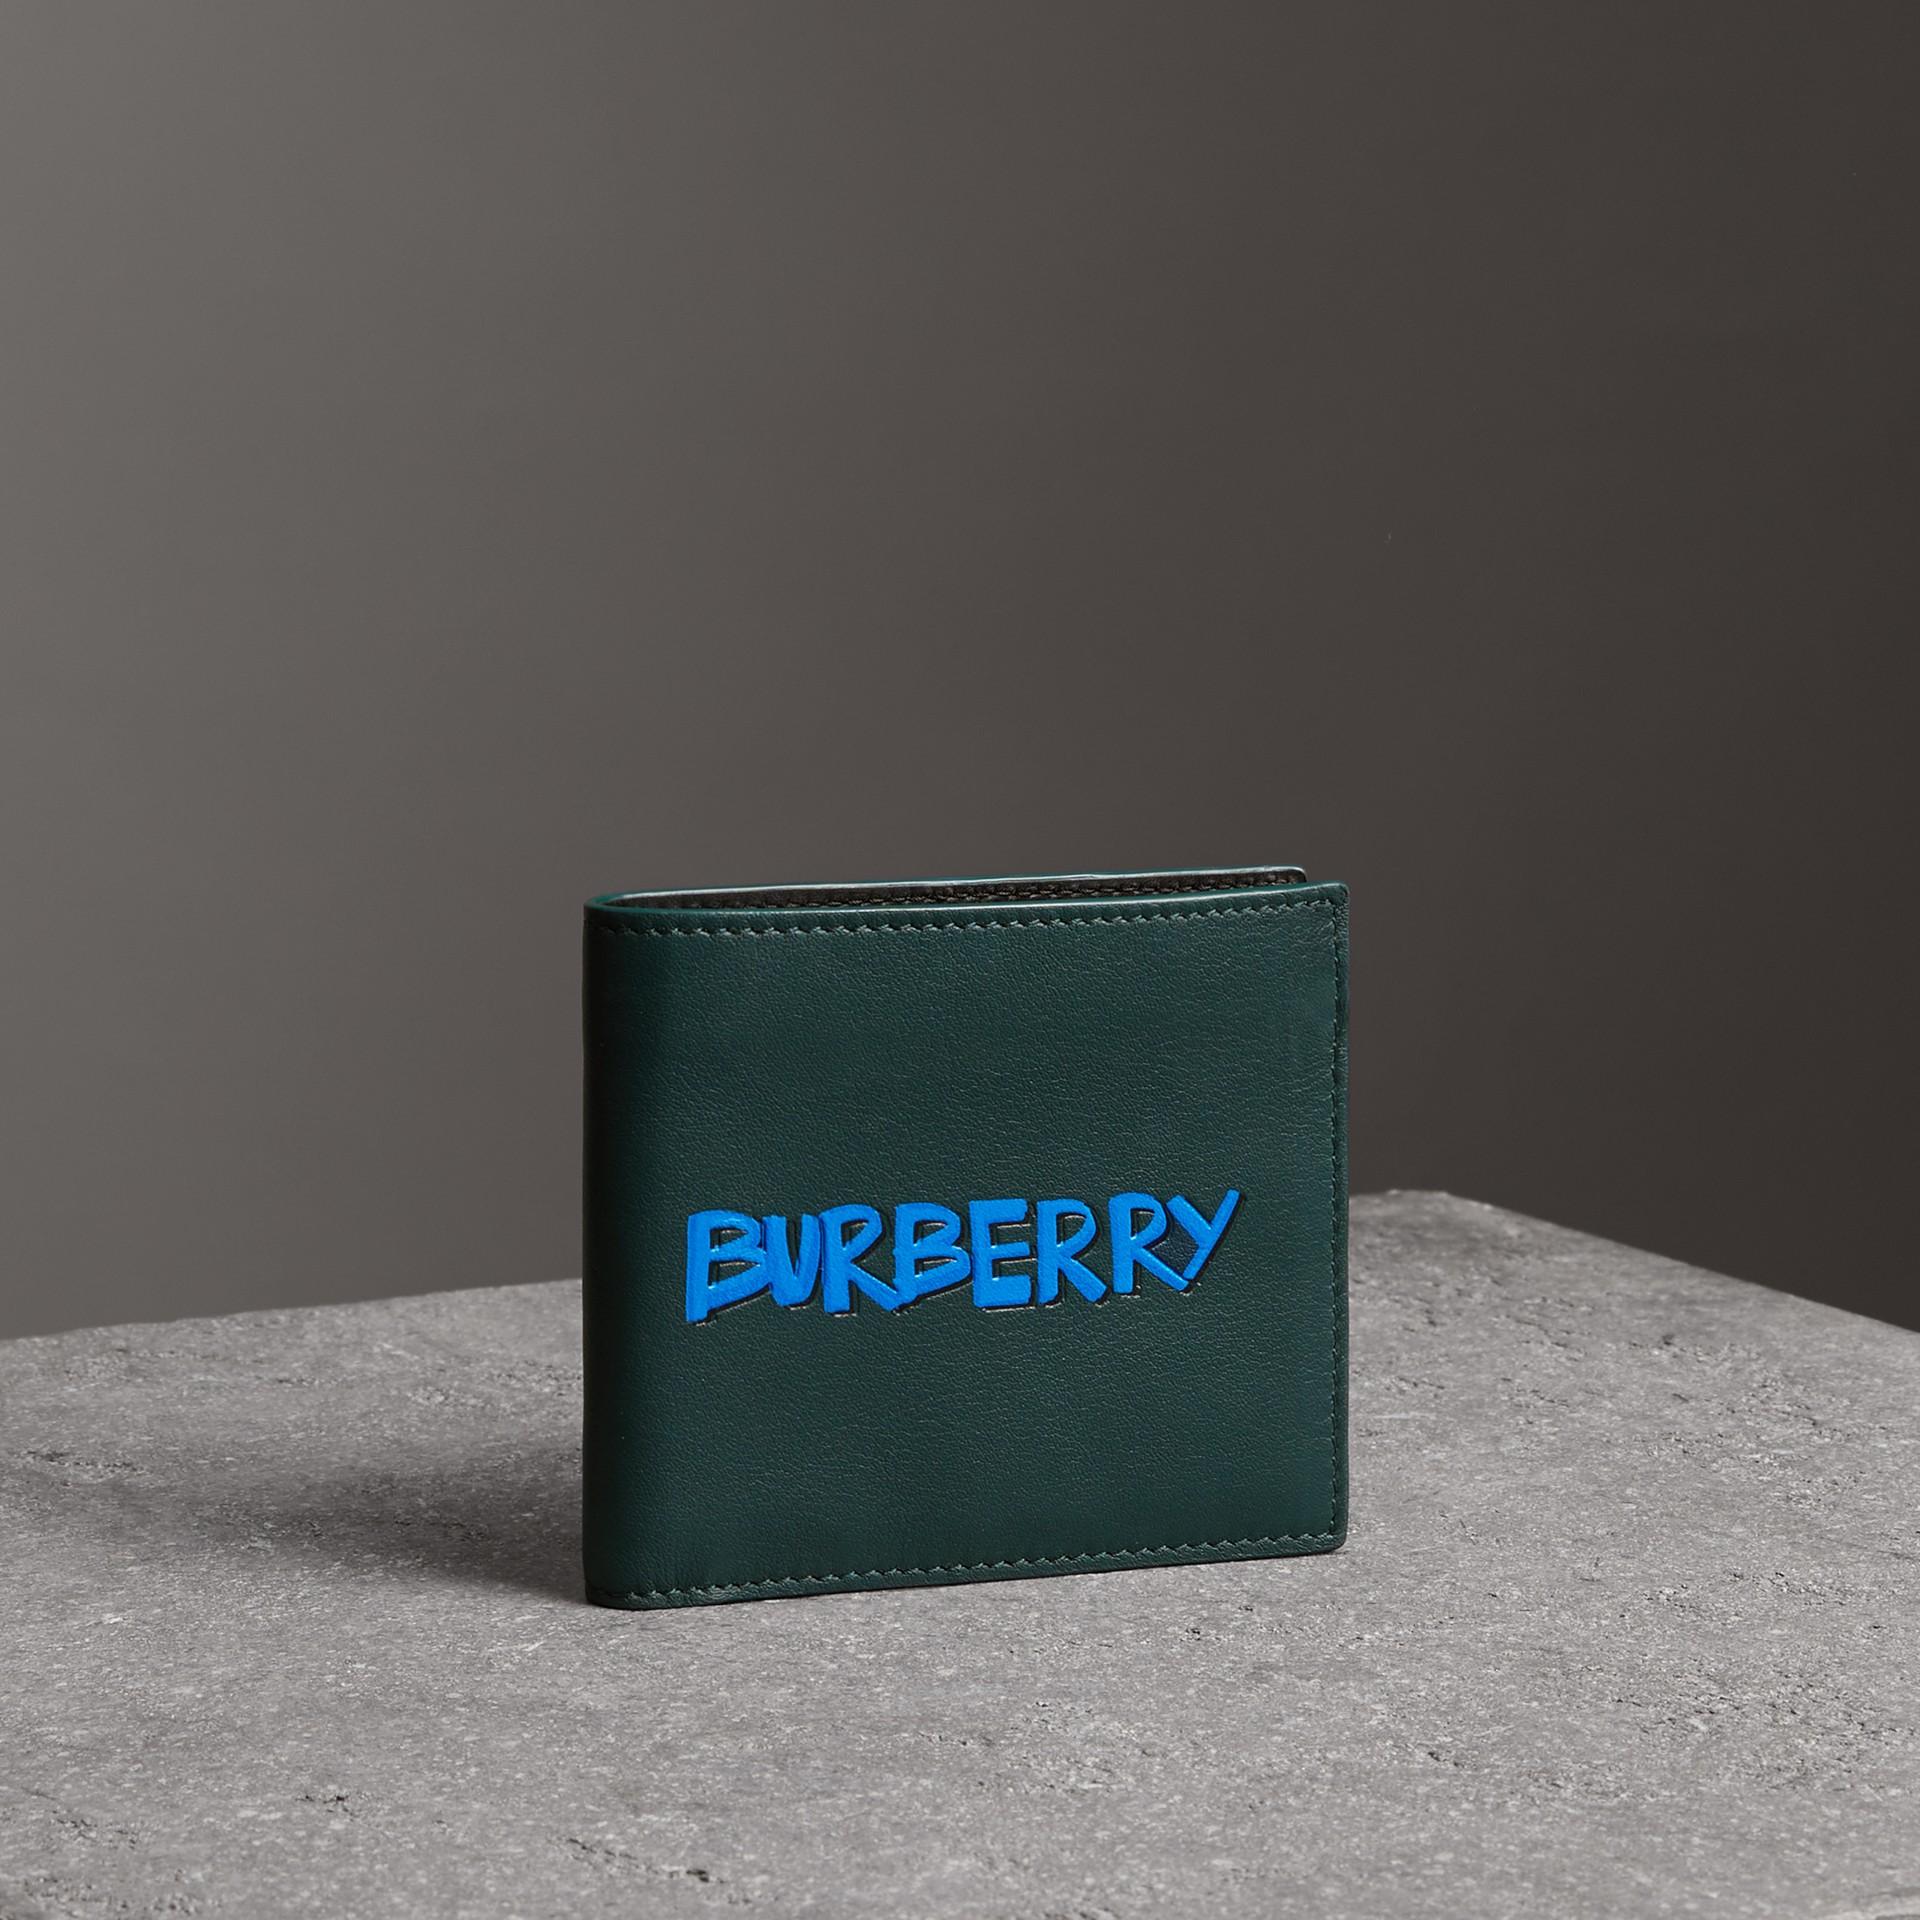 塗鴉印花皮革國際紙鈔雙摺皮夾 (深瓶綠色) - 男款 | Burberry - 圖庫照片 0